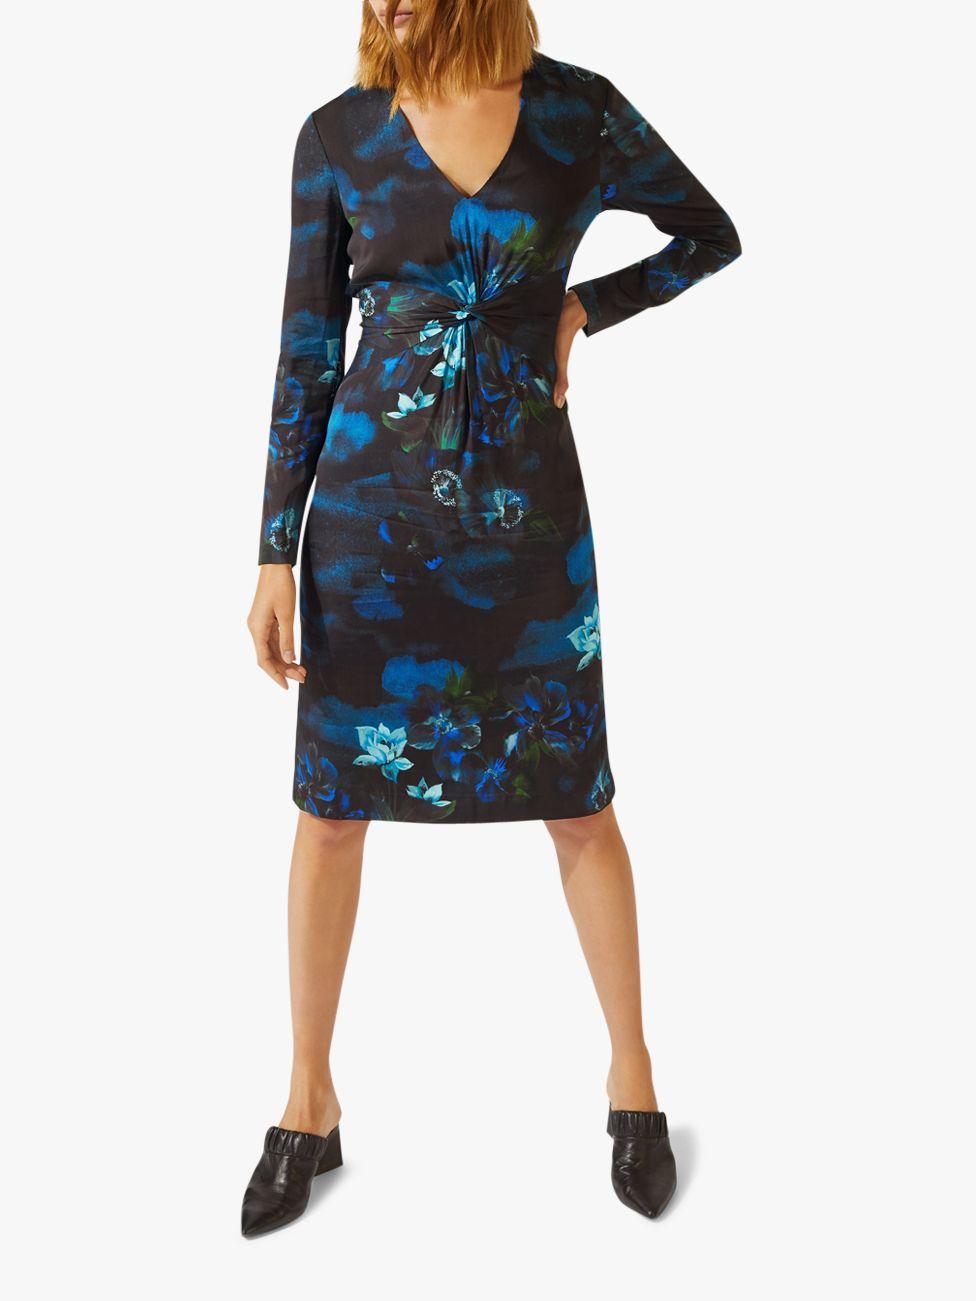 Jigsaw Camo Floral Dress Womens New Blue Navy